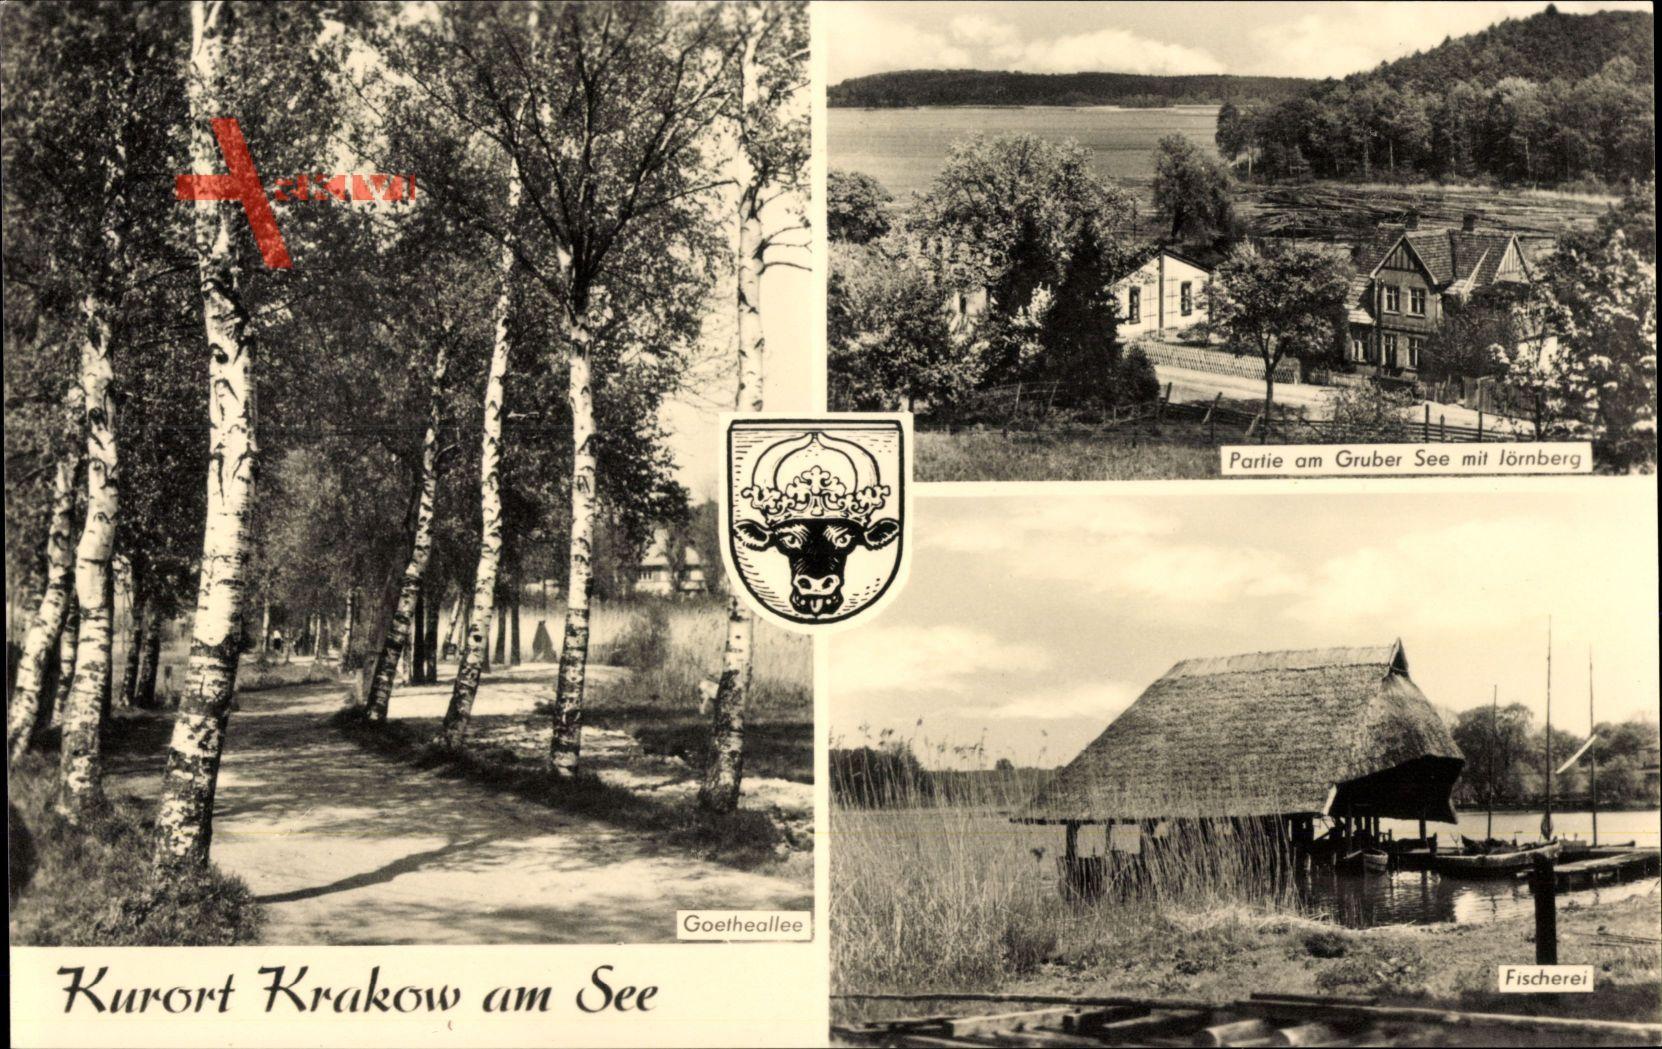 Wappen Krakow am See, Partie am Gruber See mit Jörnberg, Fischerei